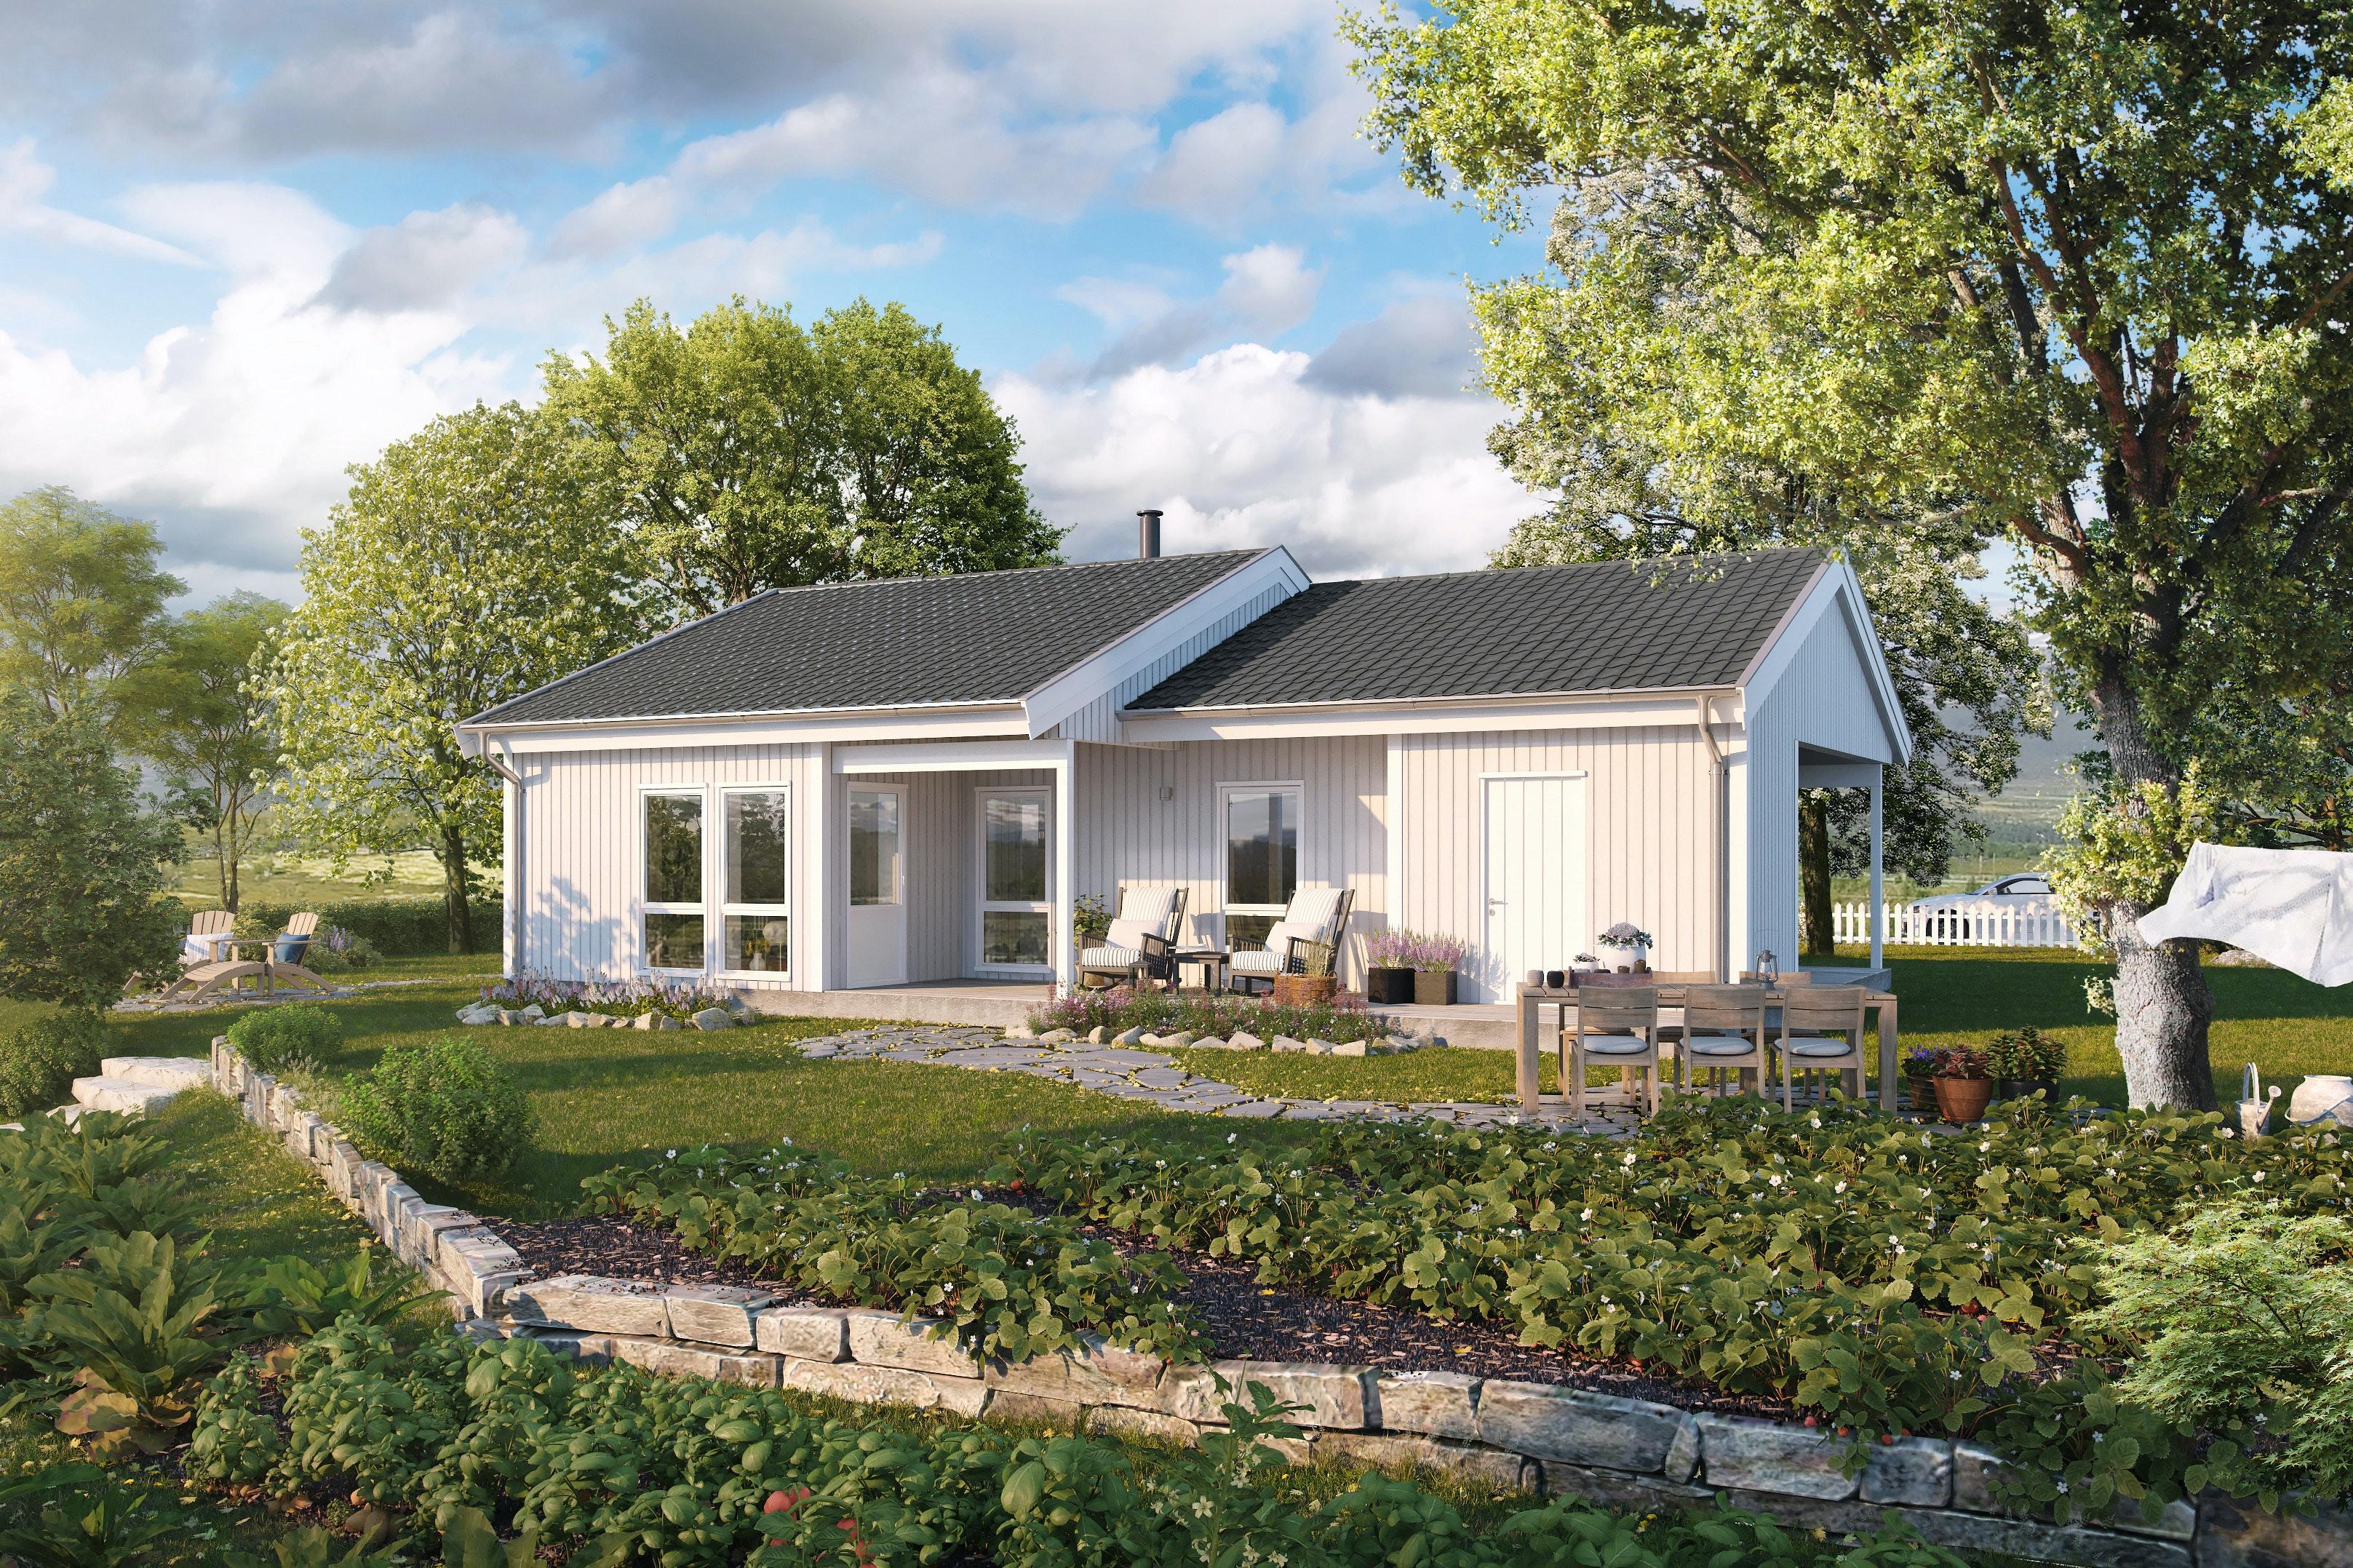 Lugo er et smart vinkelhus på ett plan, tilpasset alle livets faser. Landlig beliggenhet og flott utsikt.